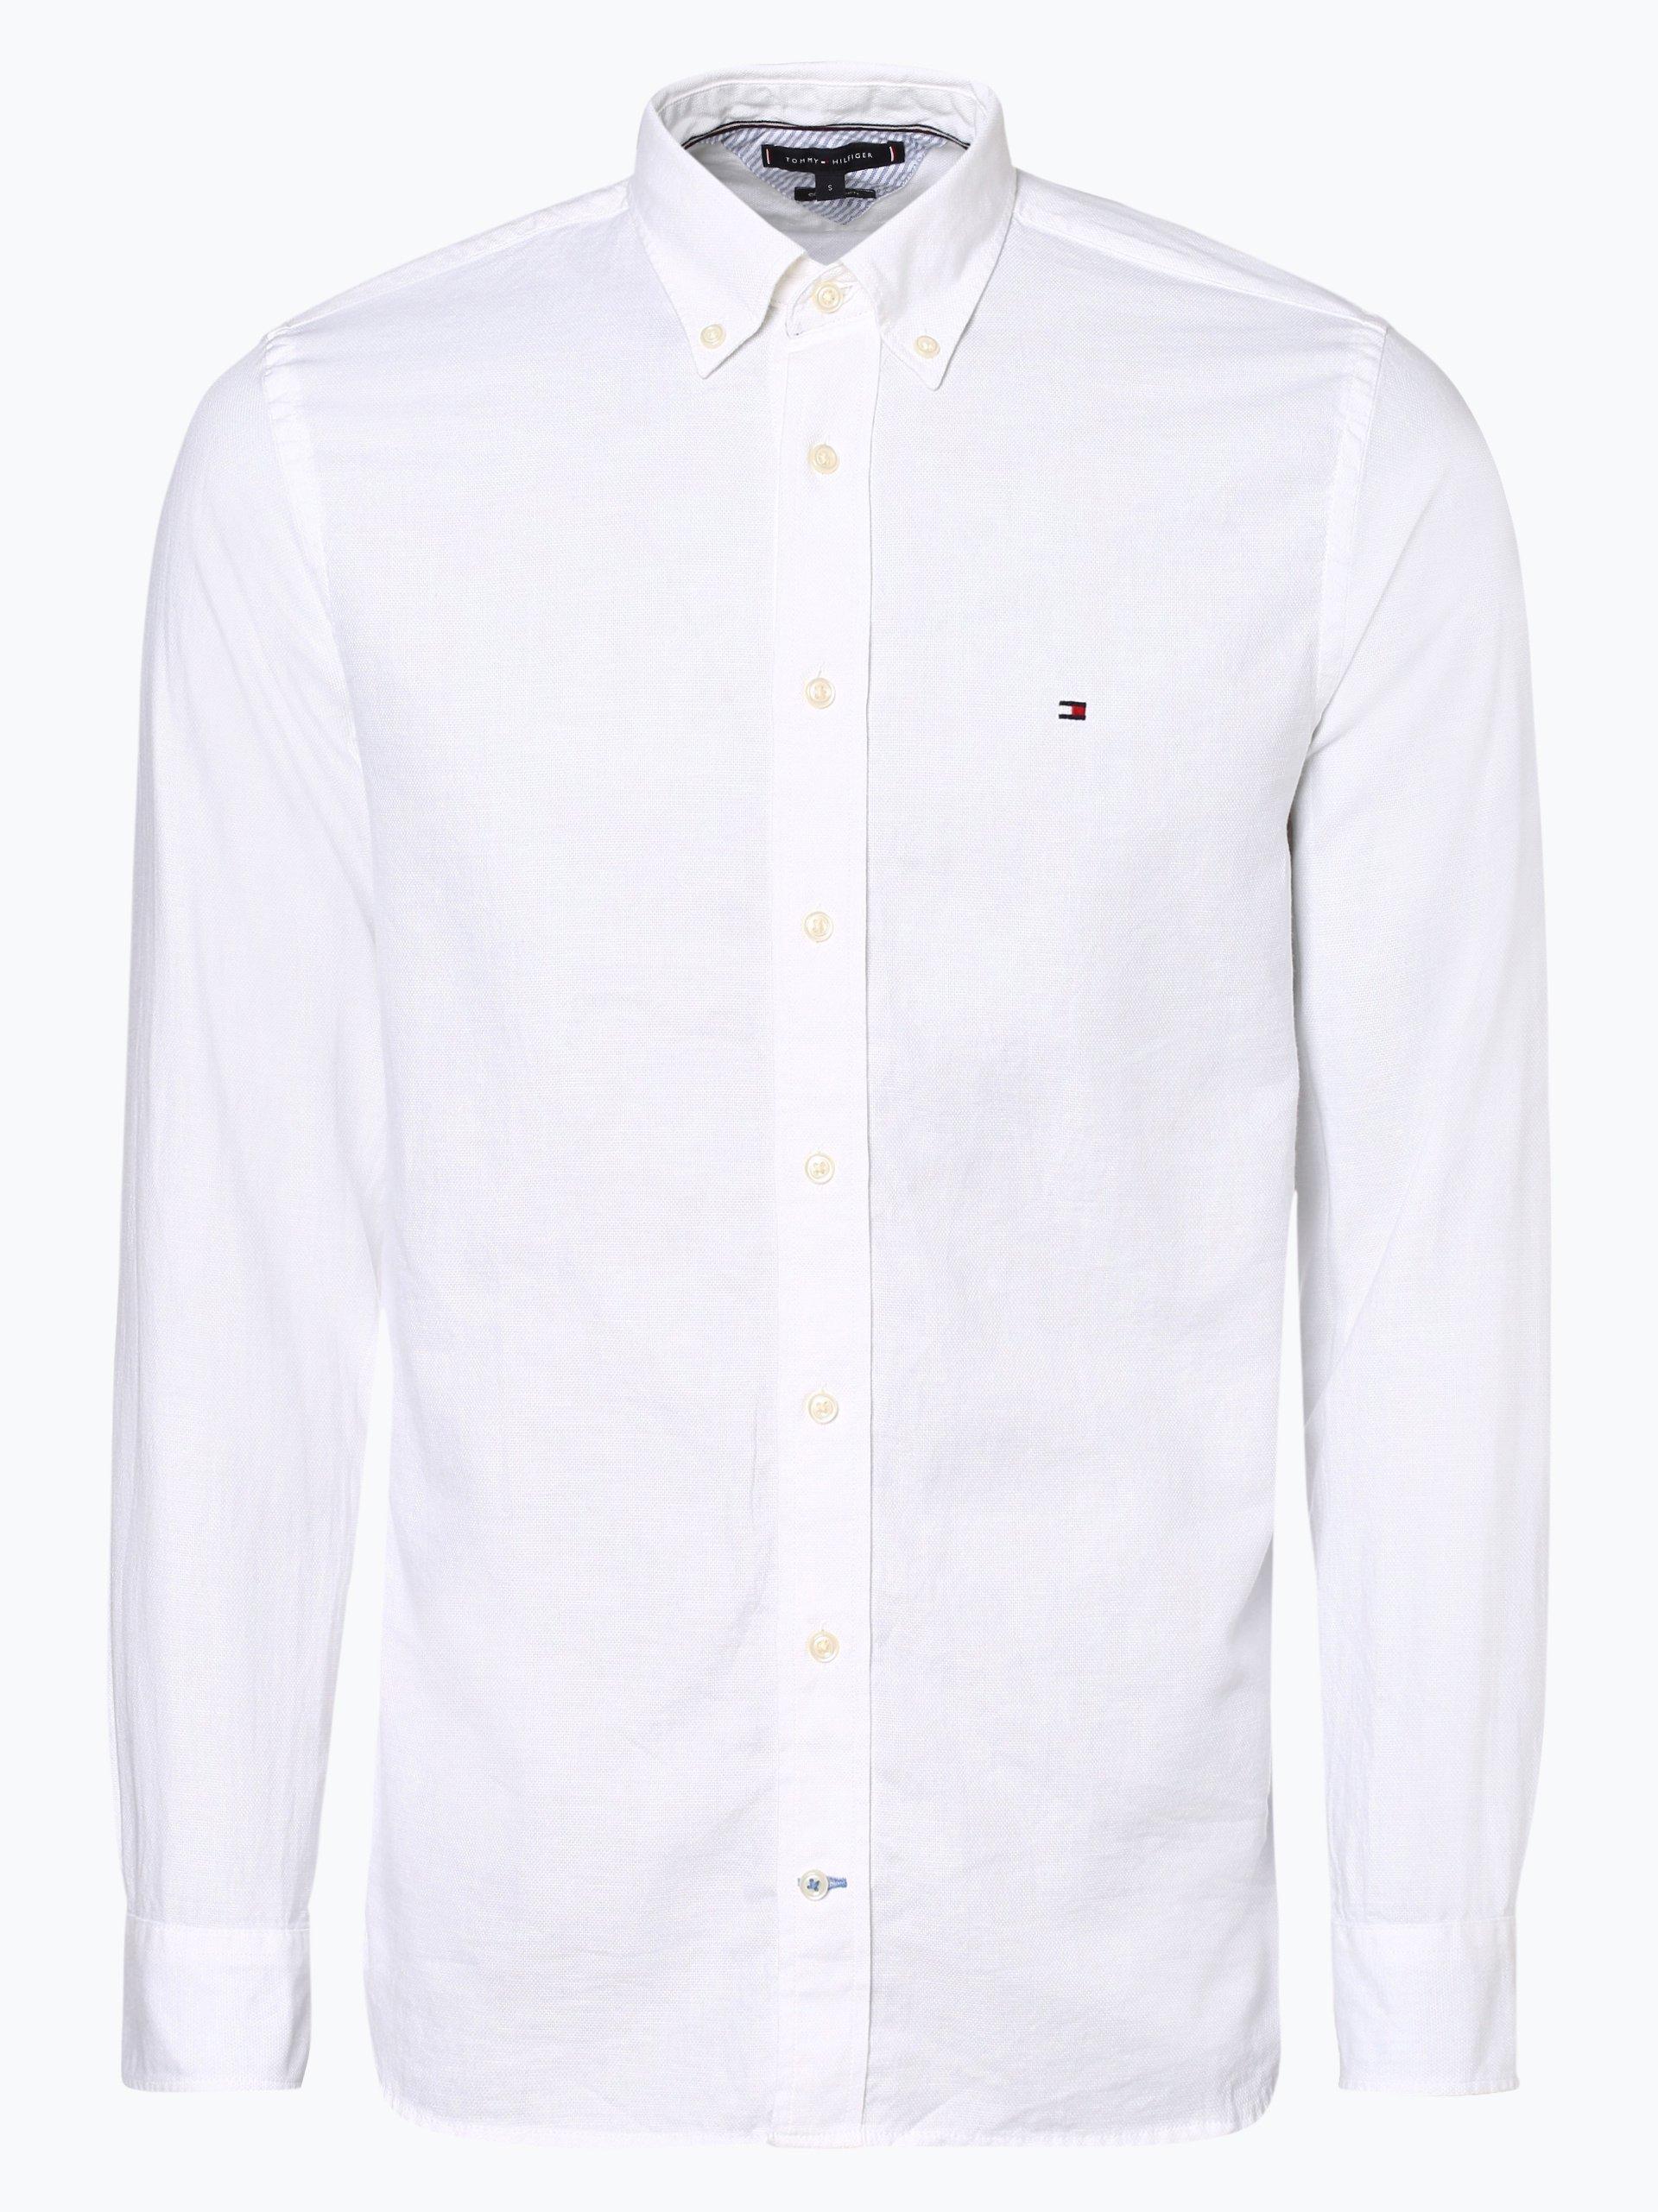 Tommy Hilfiger Herren Hemd - Bügelfrei